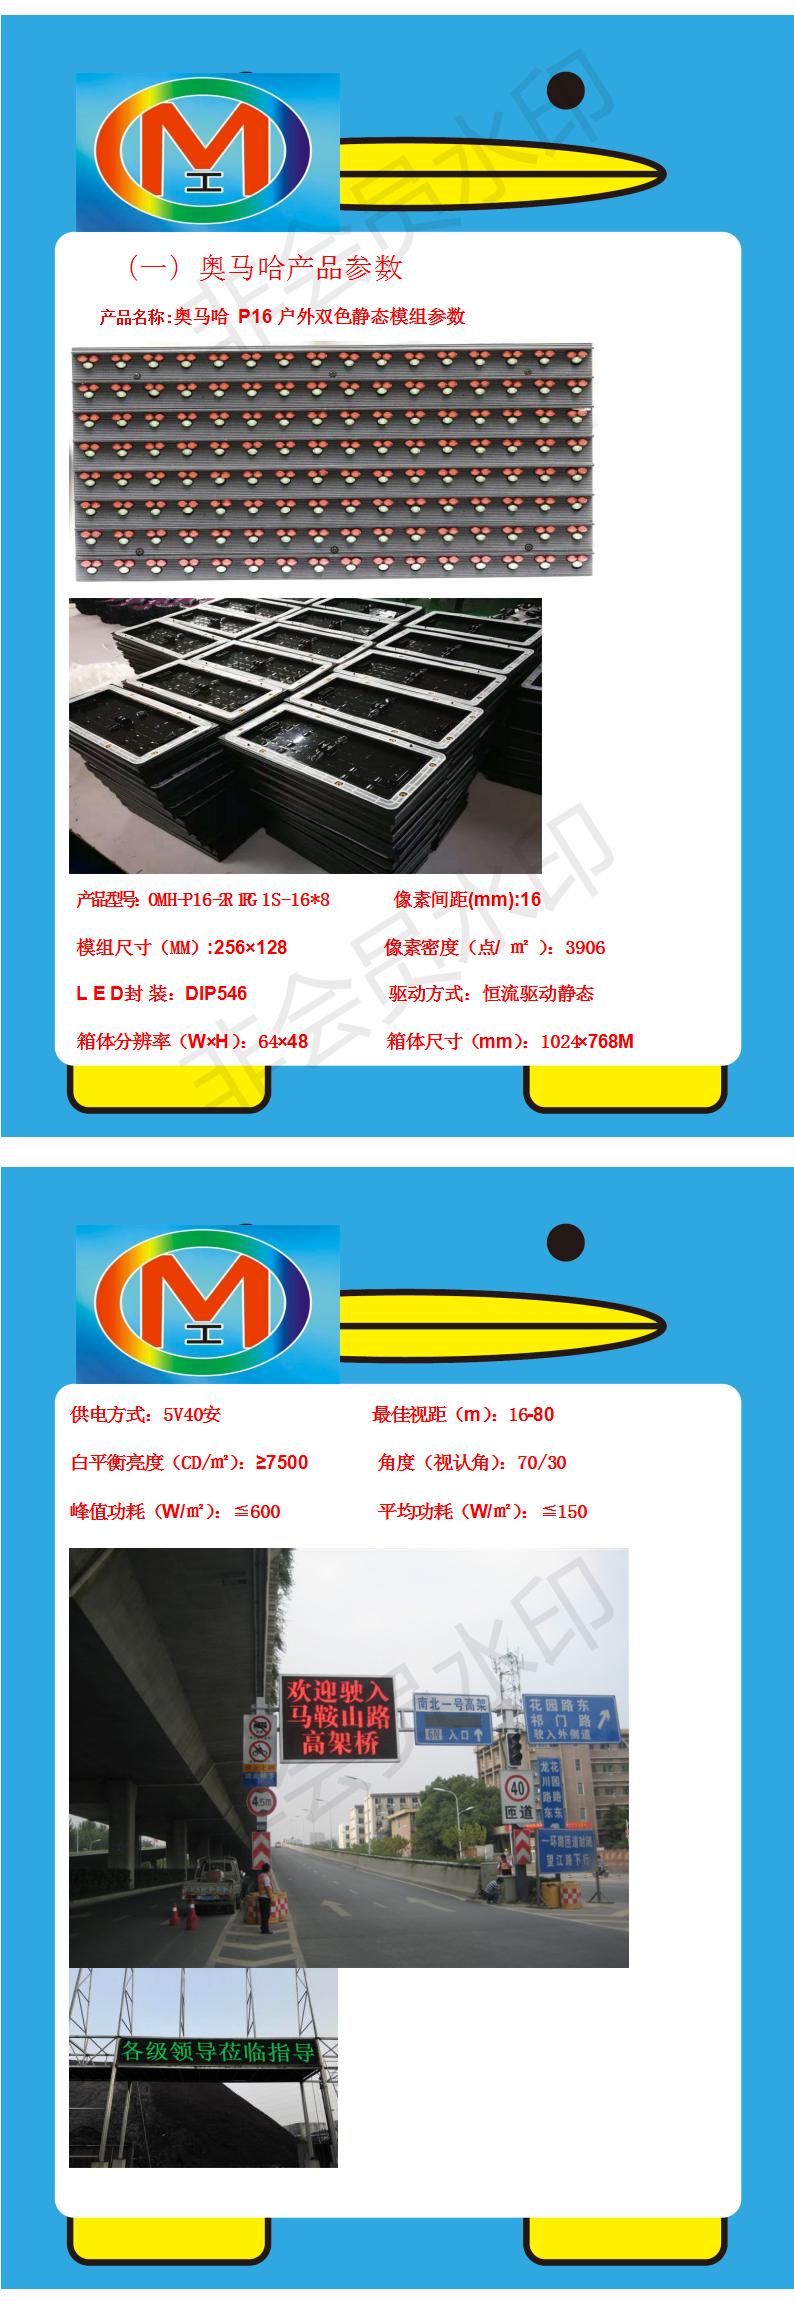 青岛市环胶湾路LED交通诱导屏专用P16户外双色标准箱体(静态)